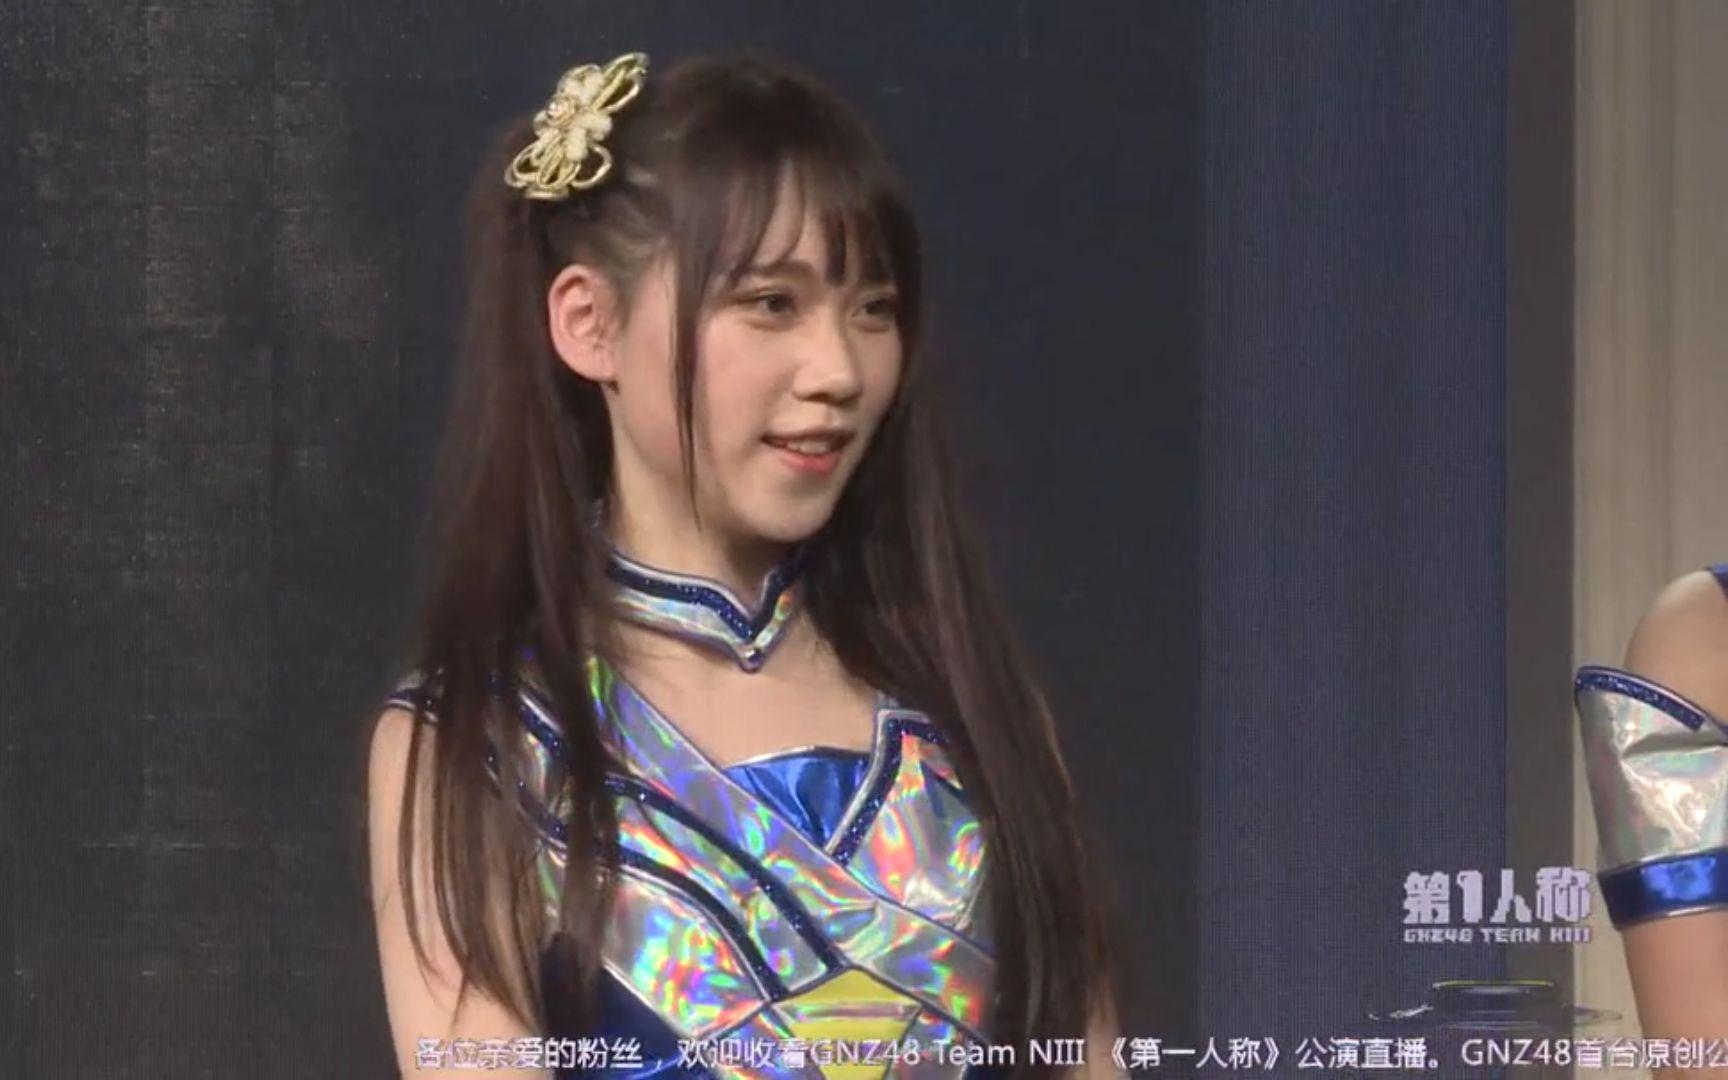 20170324 gnz48 team nⅢ第一人称首演 陈慧婧 cut